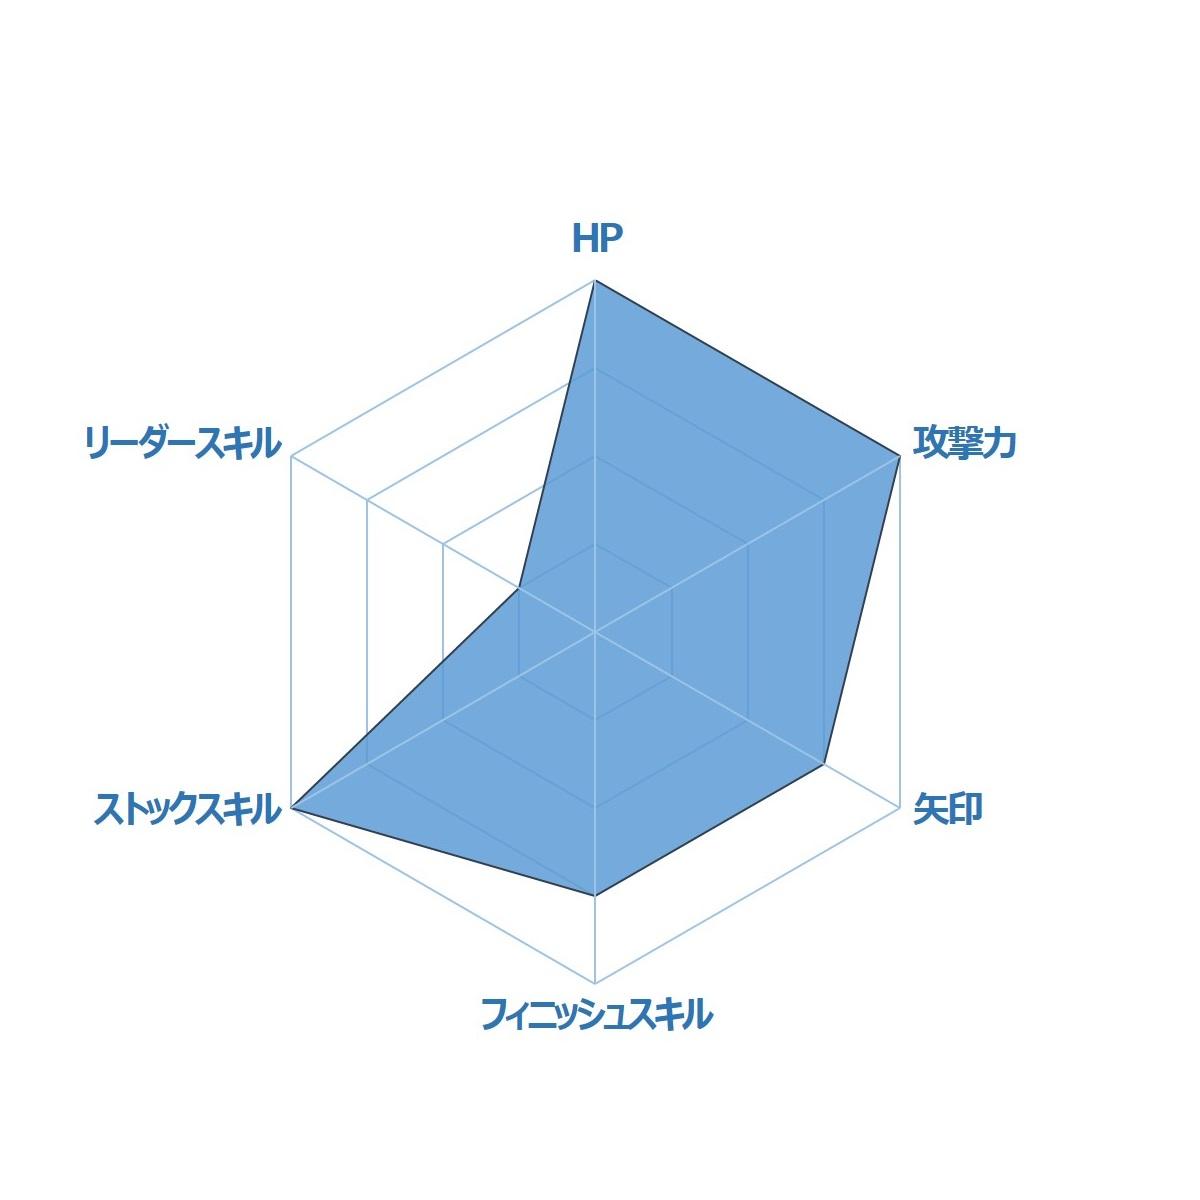 ガルズモンズ【キャラ性能・評価】乱姫戦隊サイバーイエロー